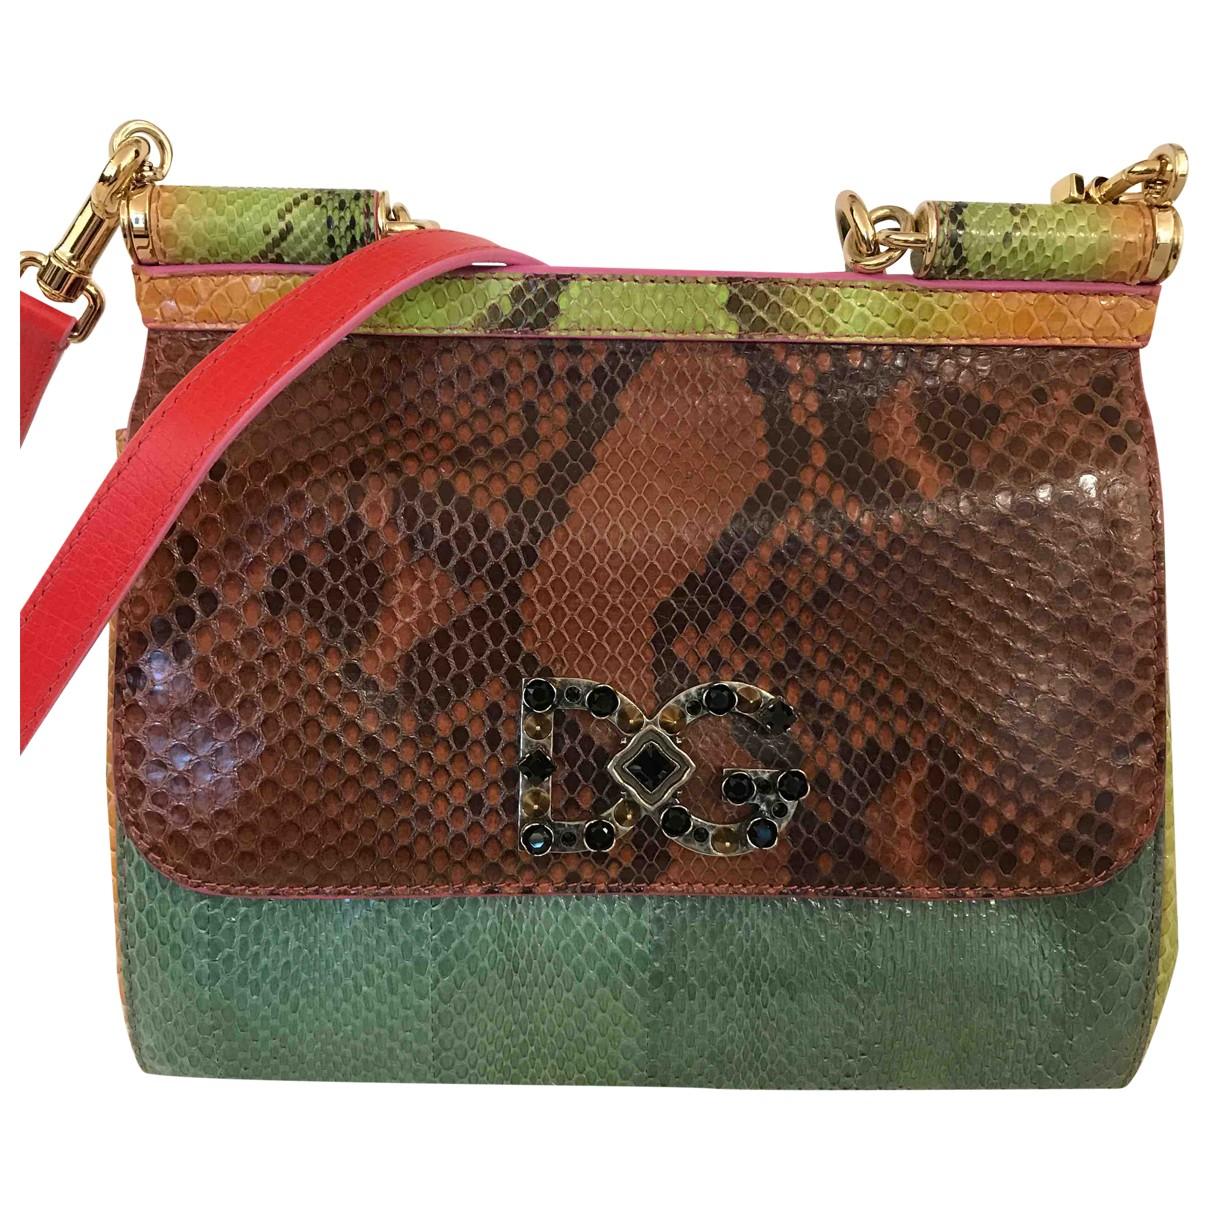 Dolce & Gabbana - Sac a main Sicily pour femme en python - multicolore